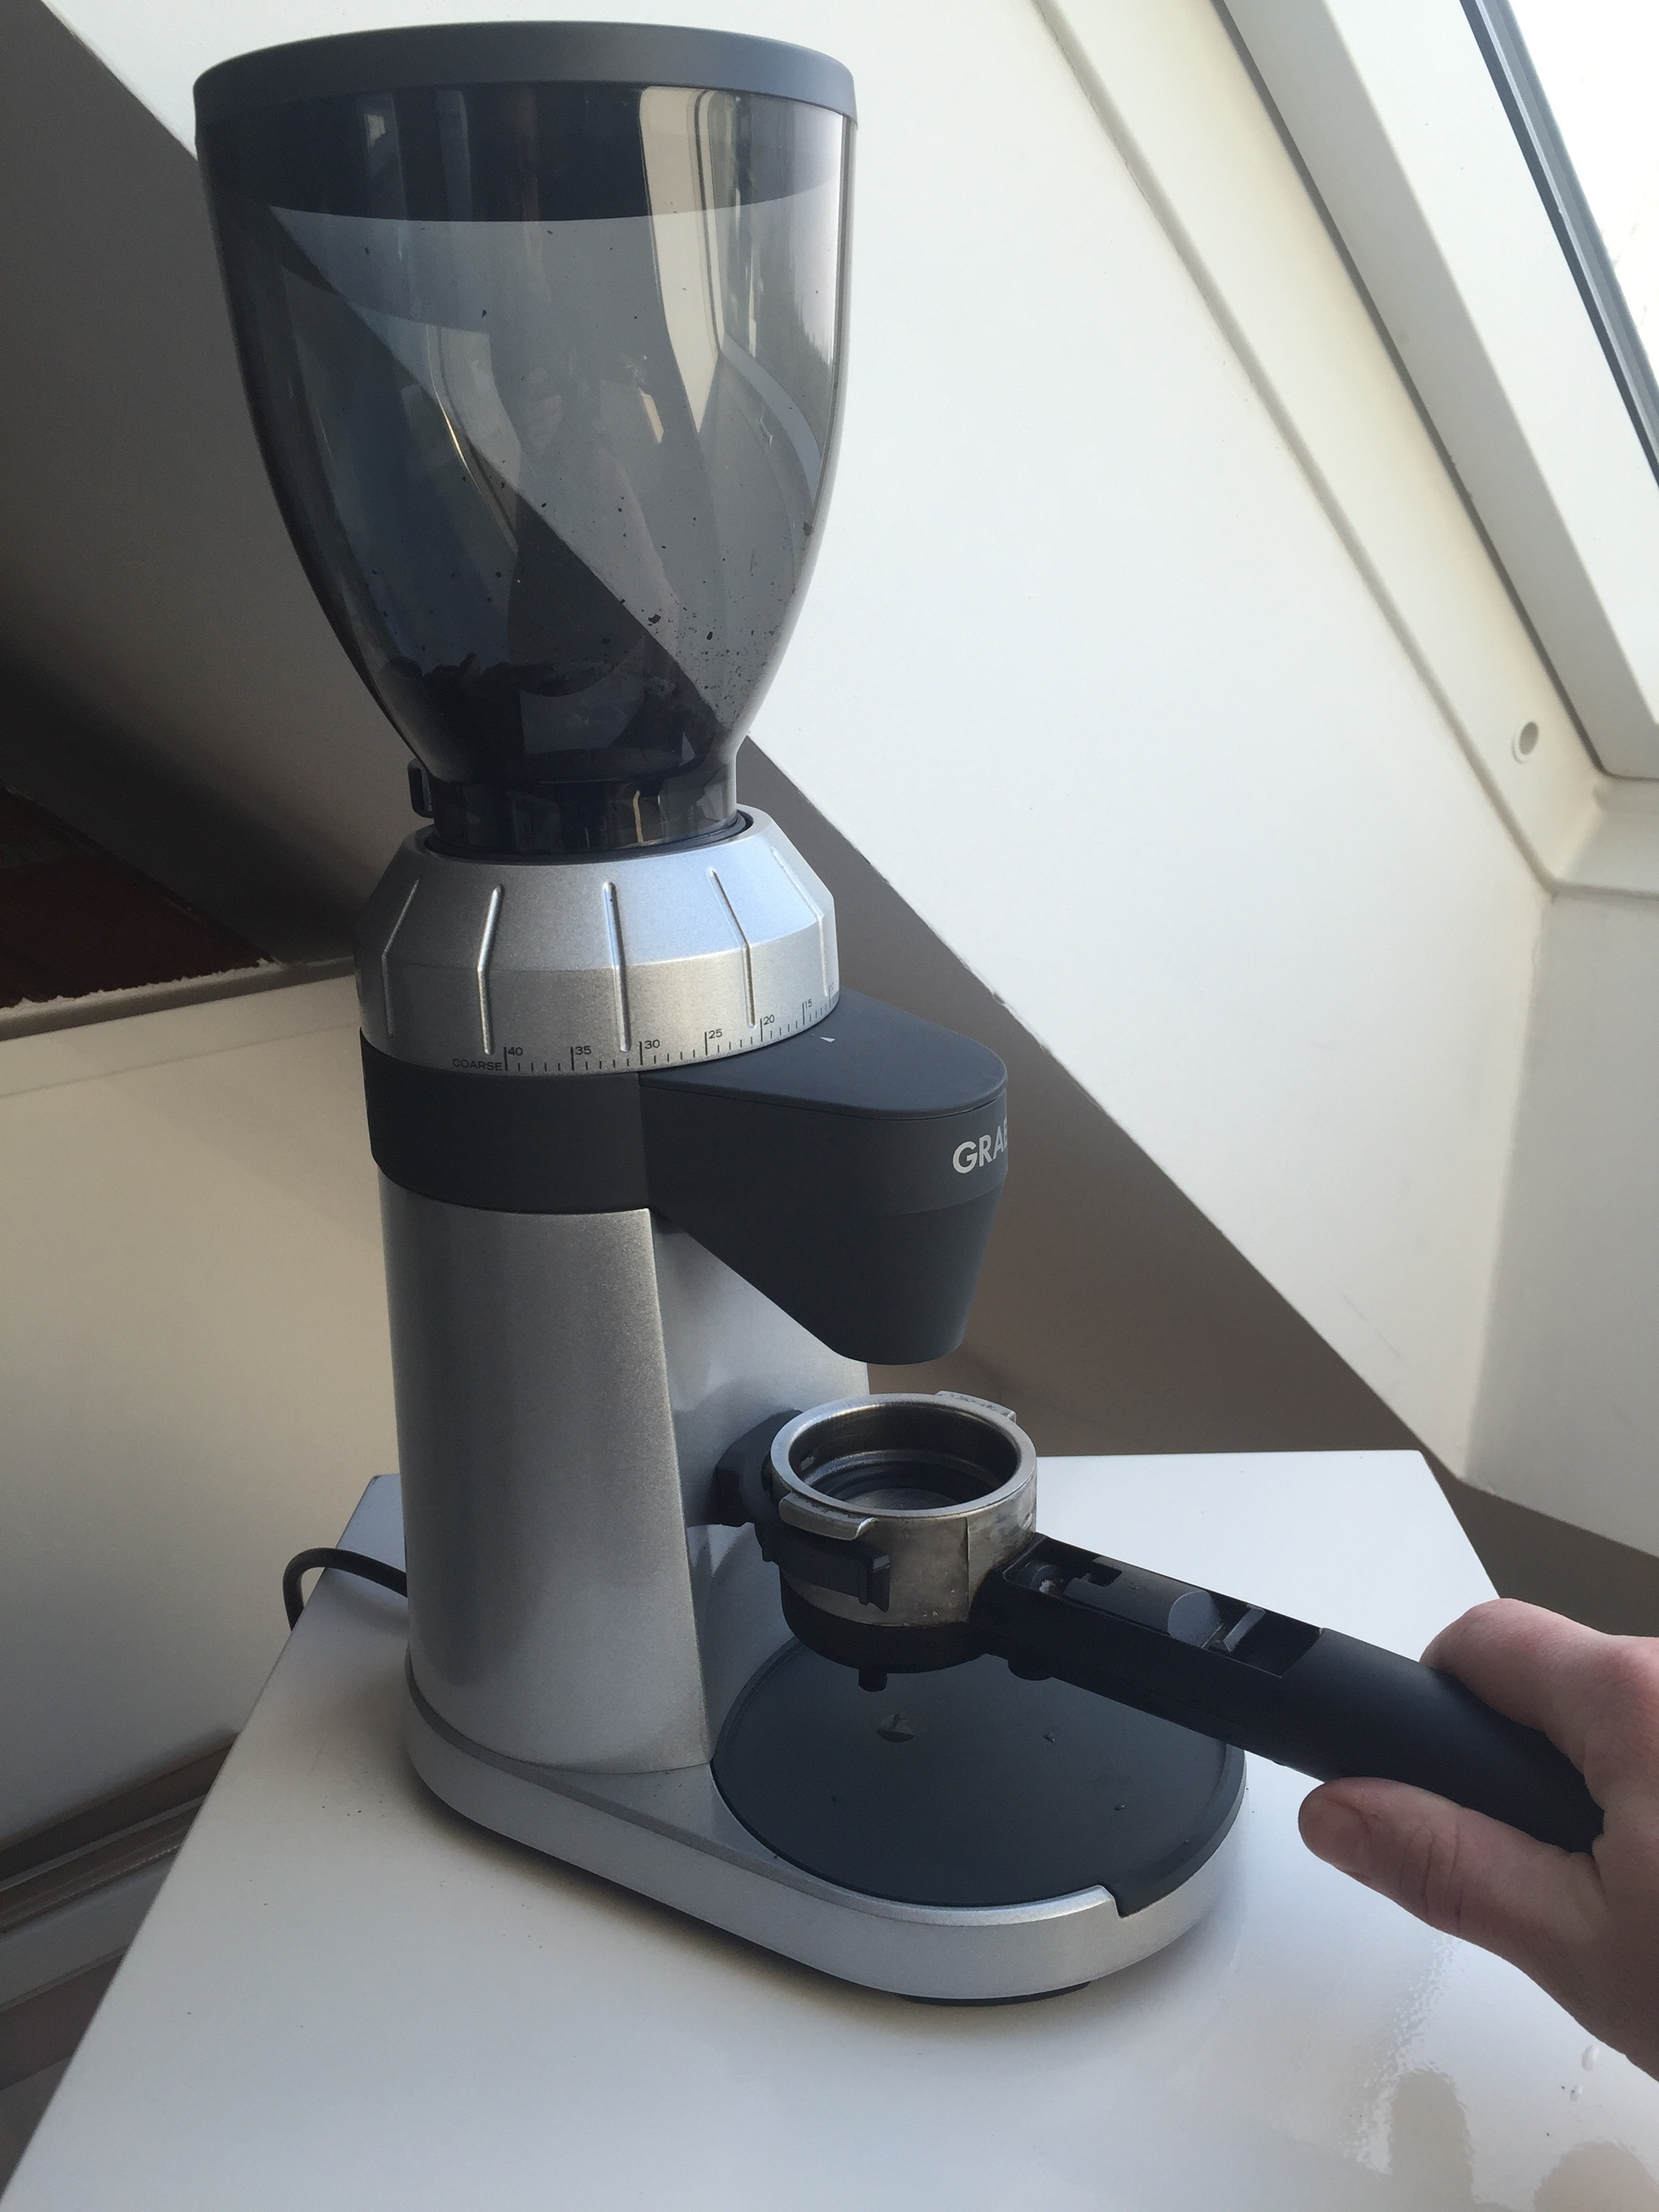 Graef CM 800 Kaffeemühle Einsatz Siebträger